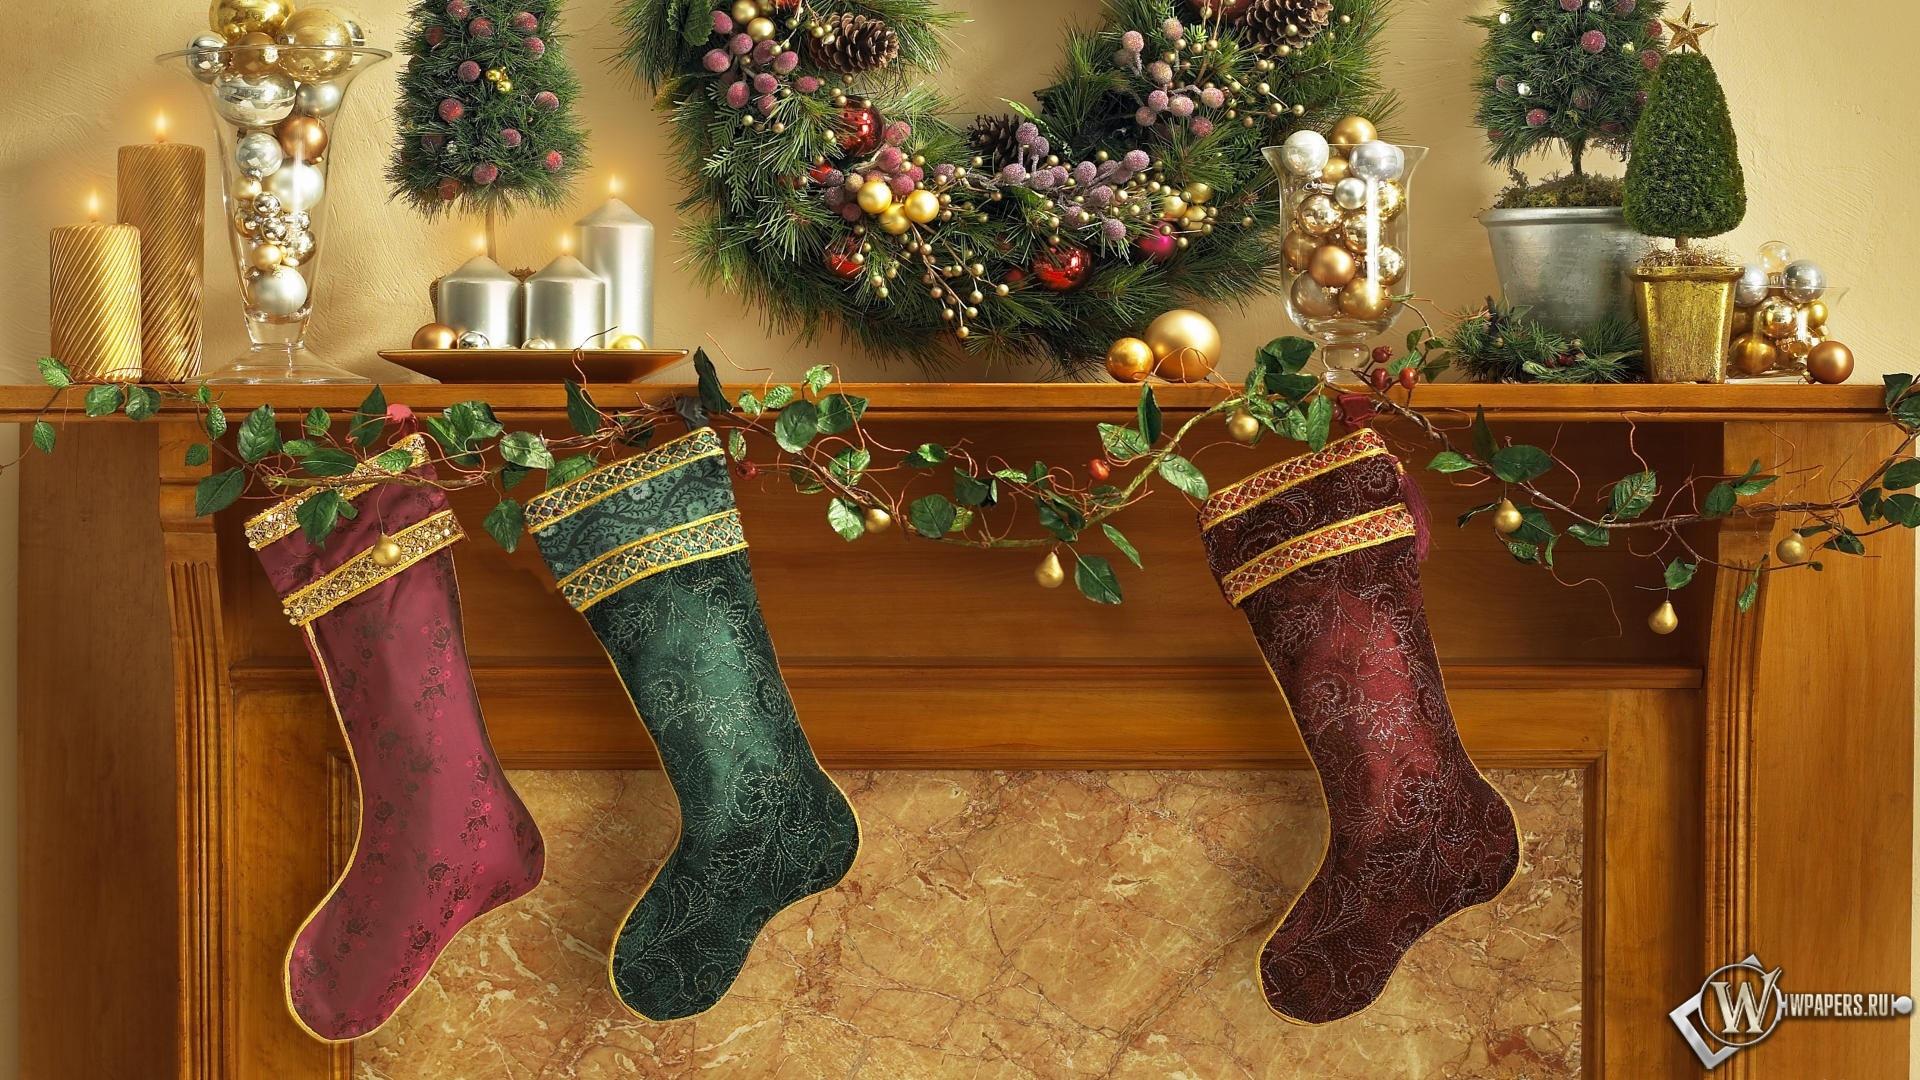 Рождественские носки 1920x1080